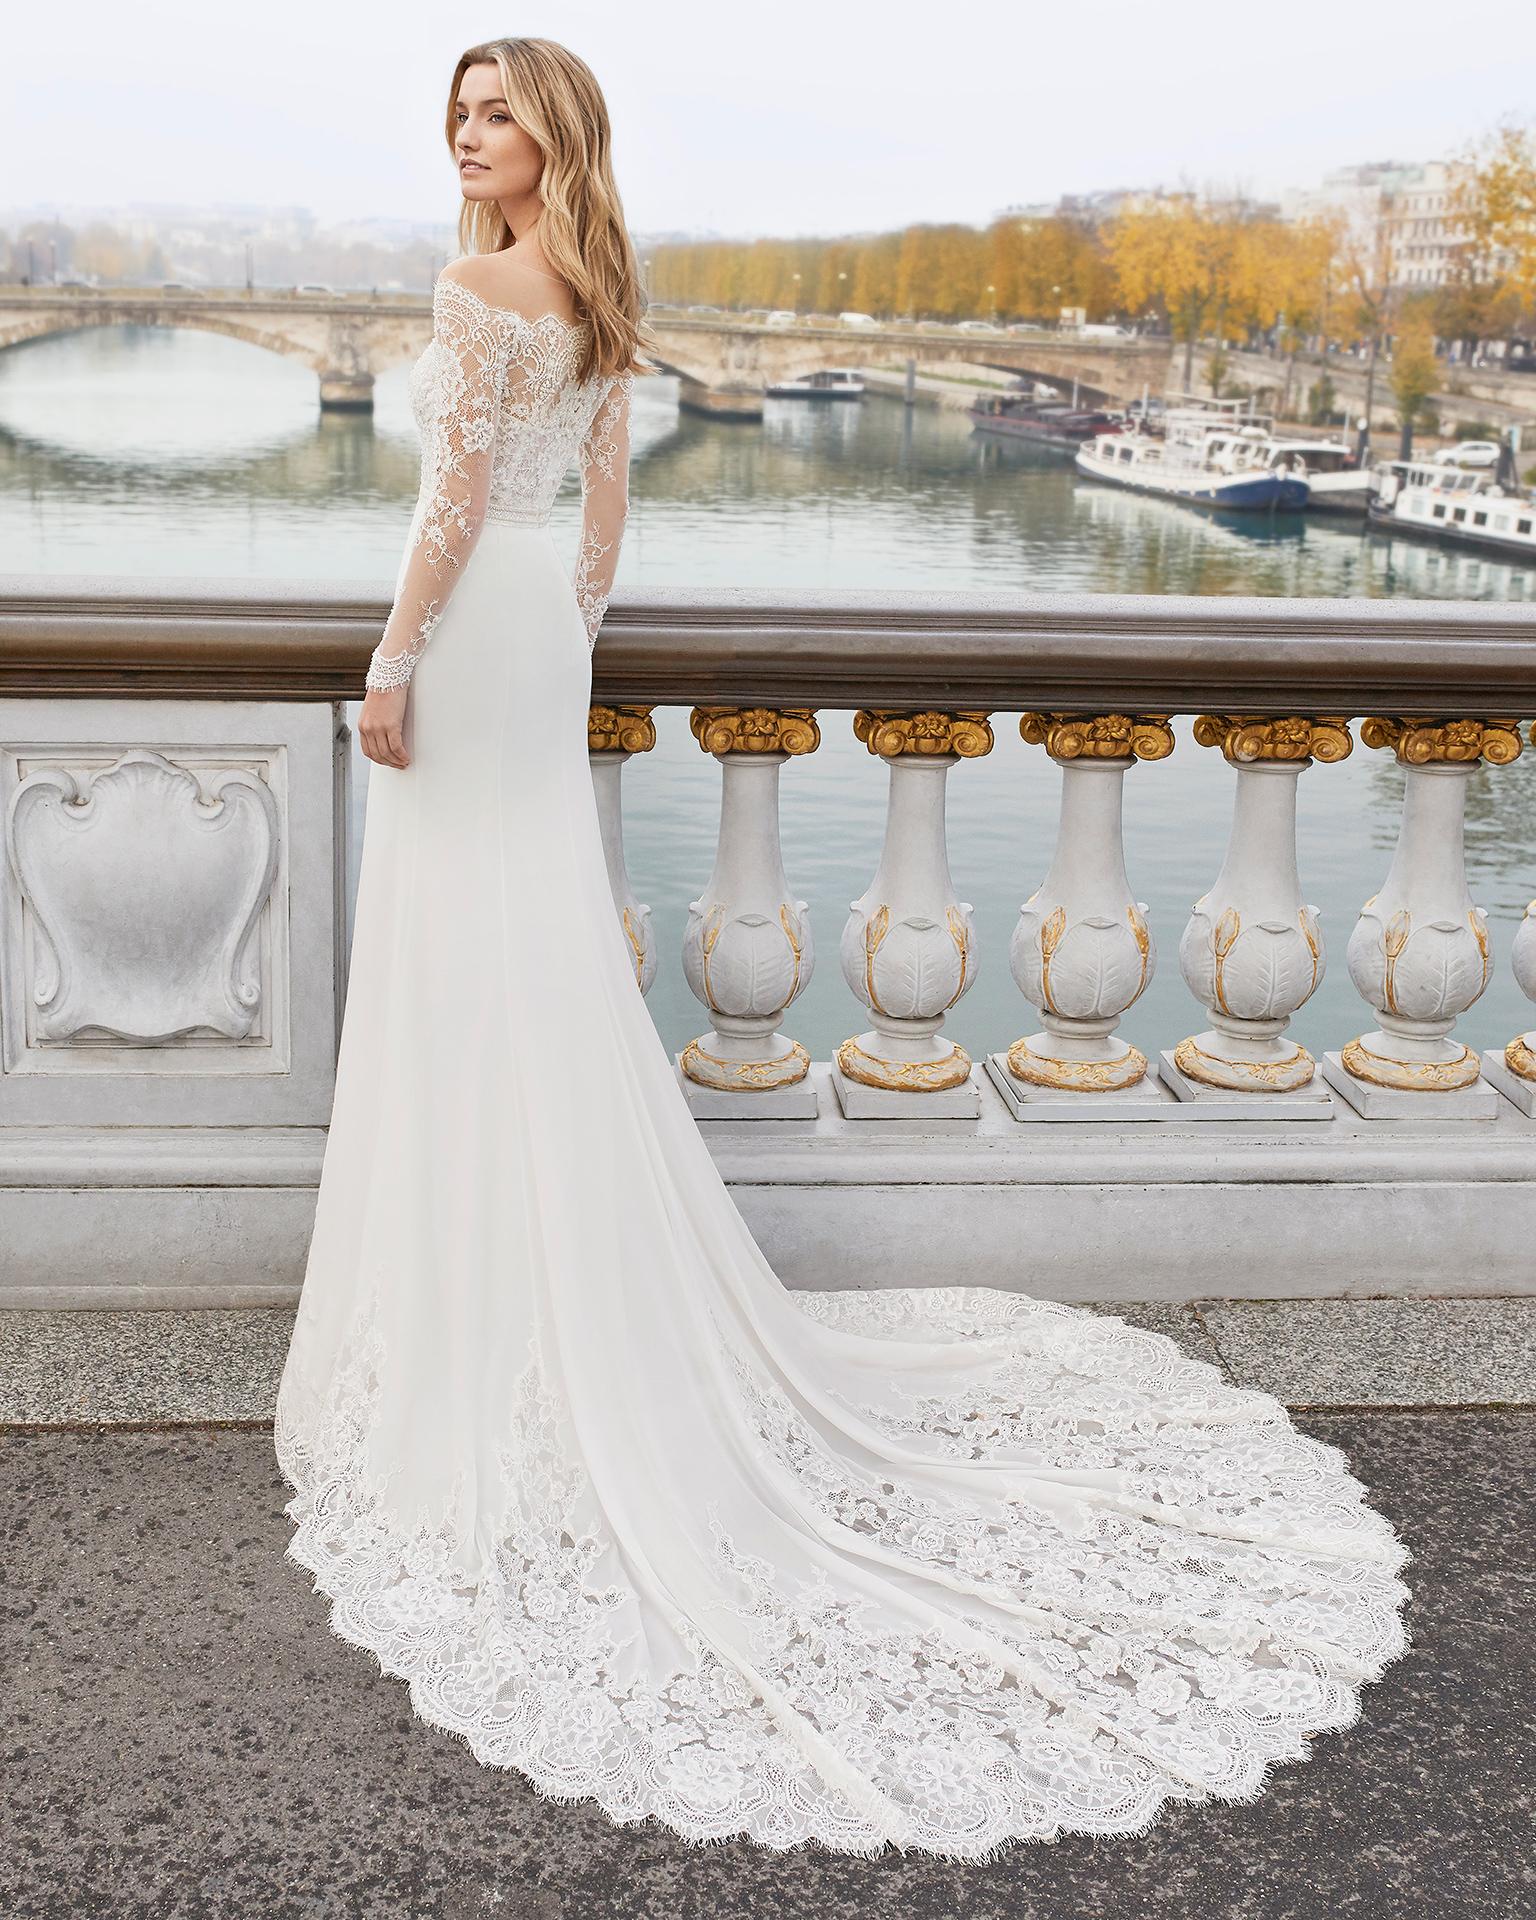 Vestido de novia corte recto de encaje, georgette y pedrería. Escote barco, manga larga. Disponible en color natural. Colección AIRE BARCELONA 2019.